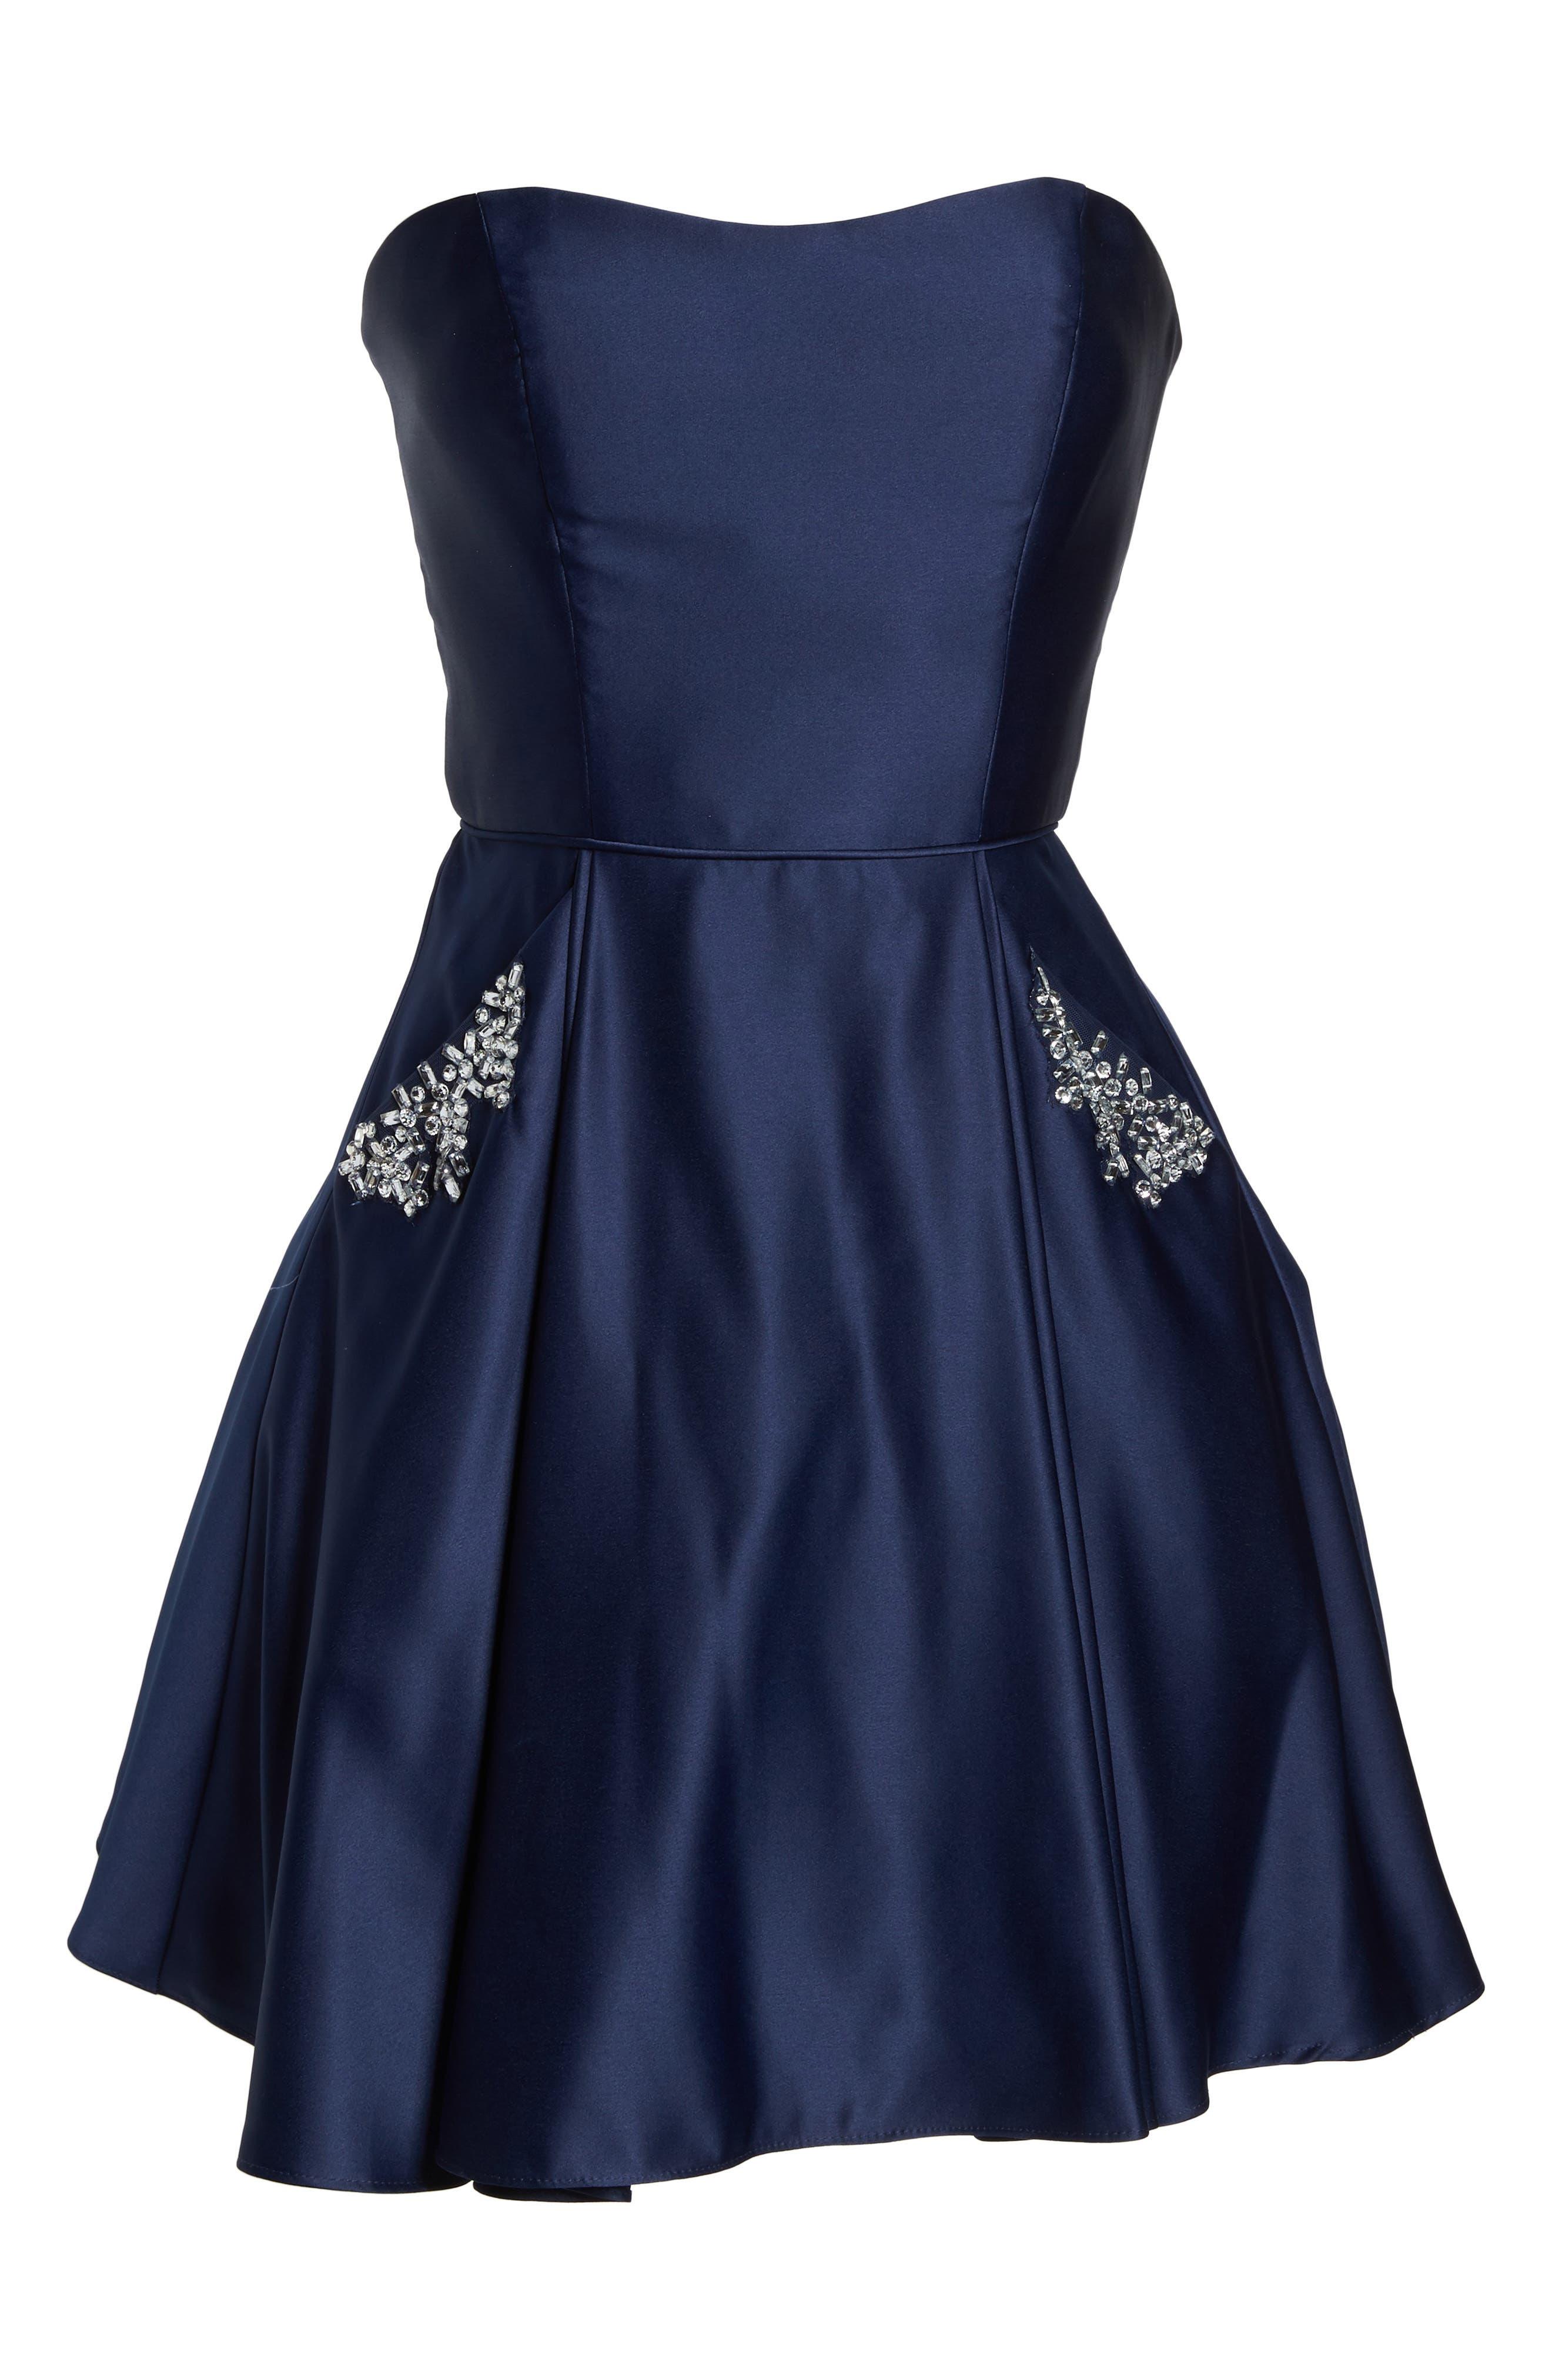 Embellished Satin Fit & Flare Dress,                             Alternate thumbnail 6, color,                             Navy